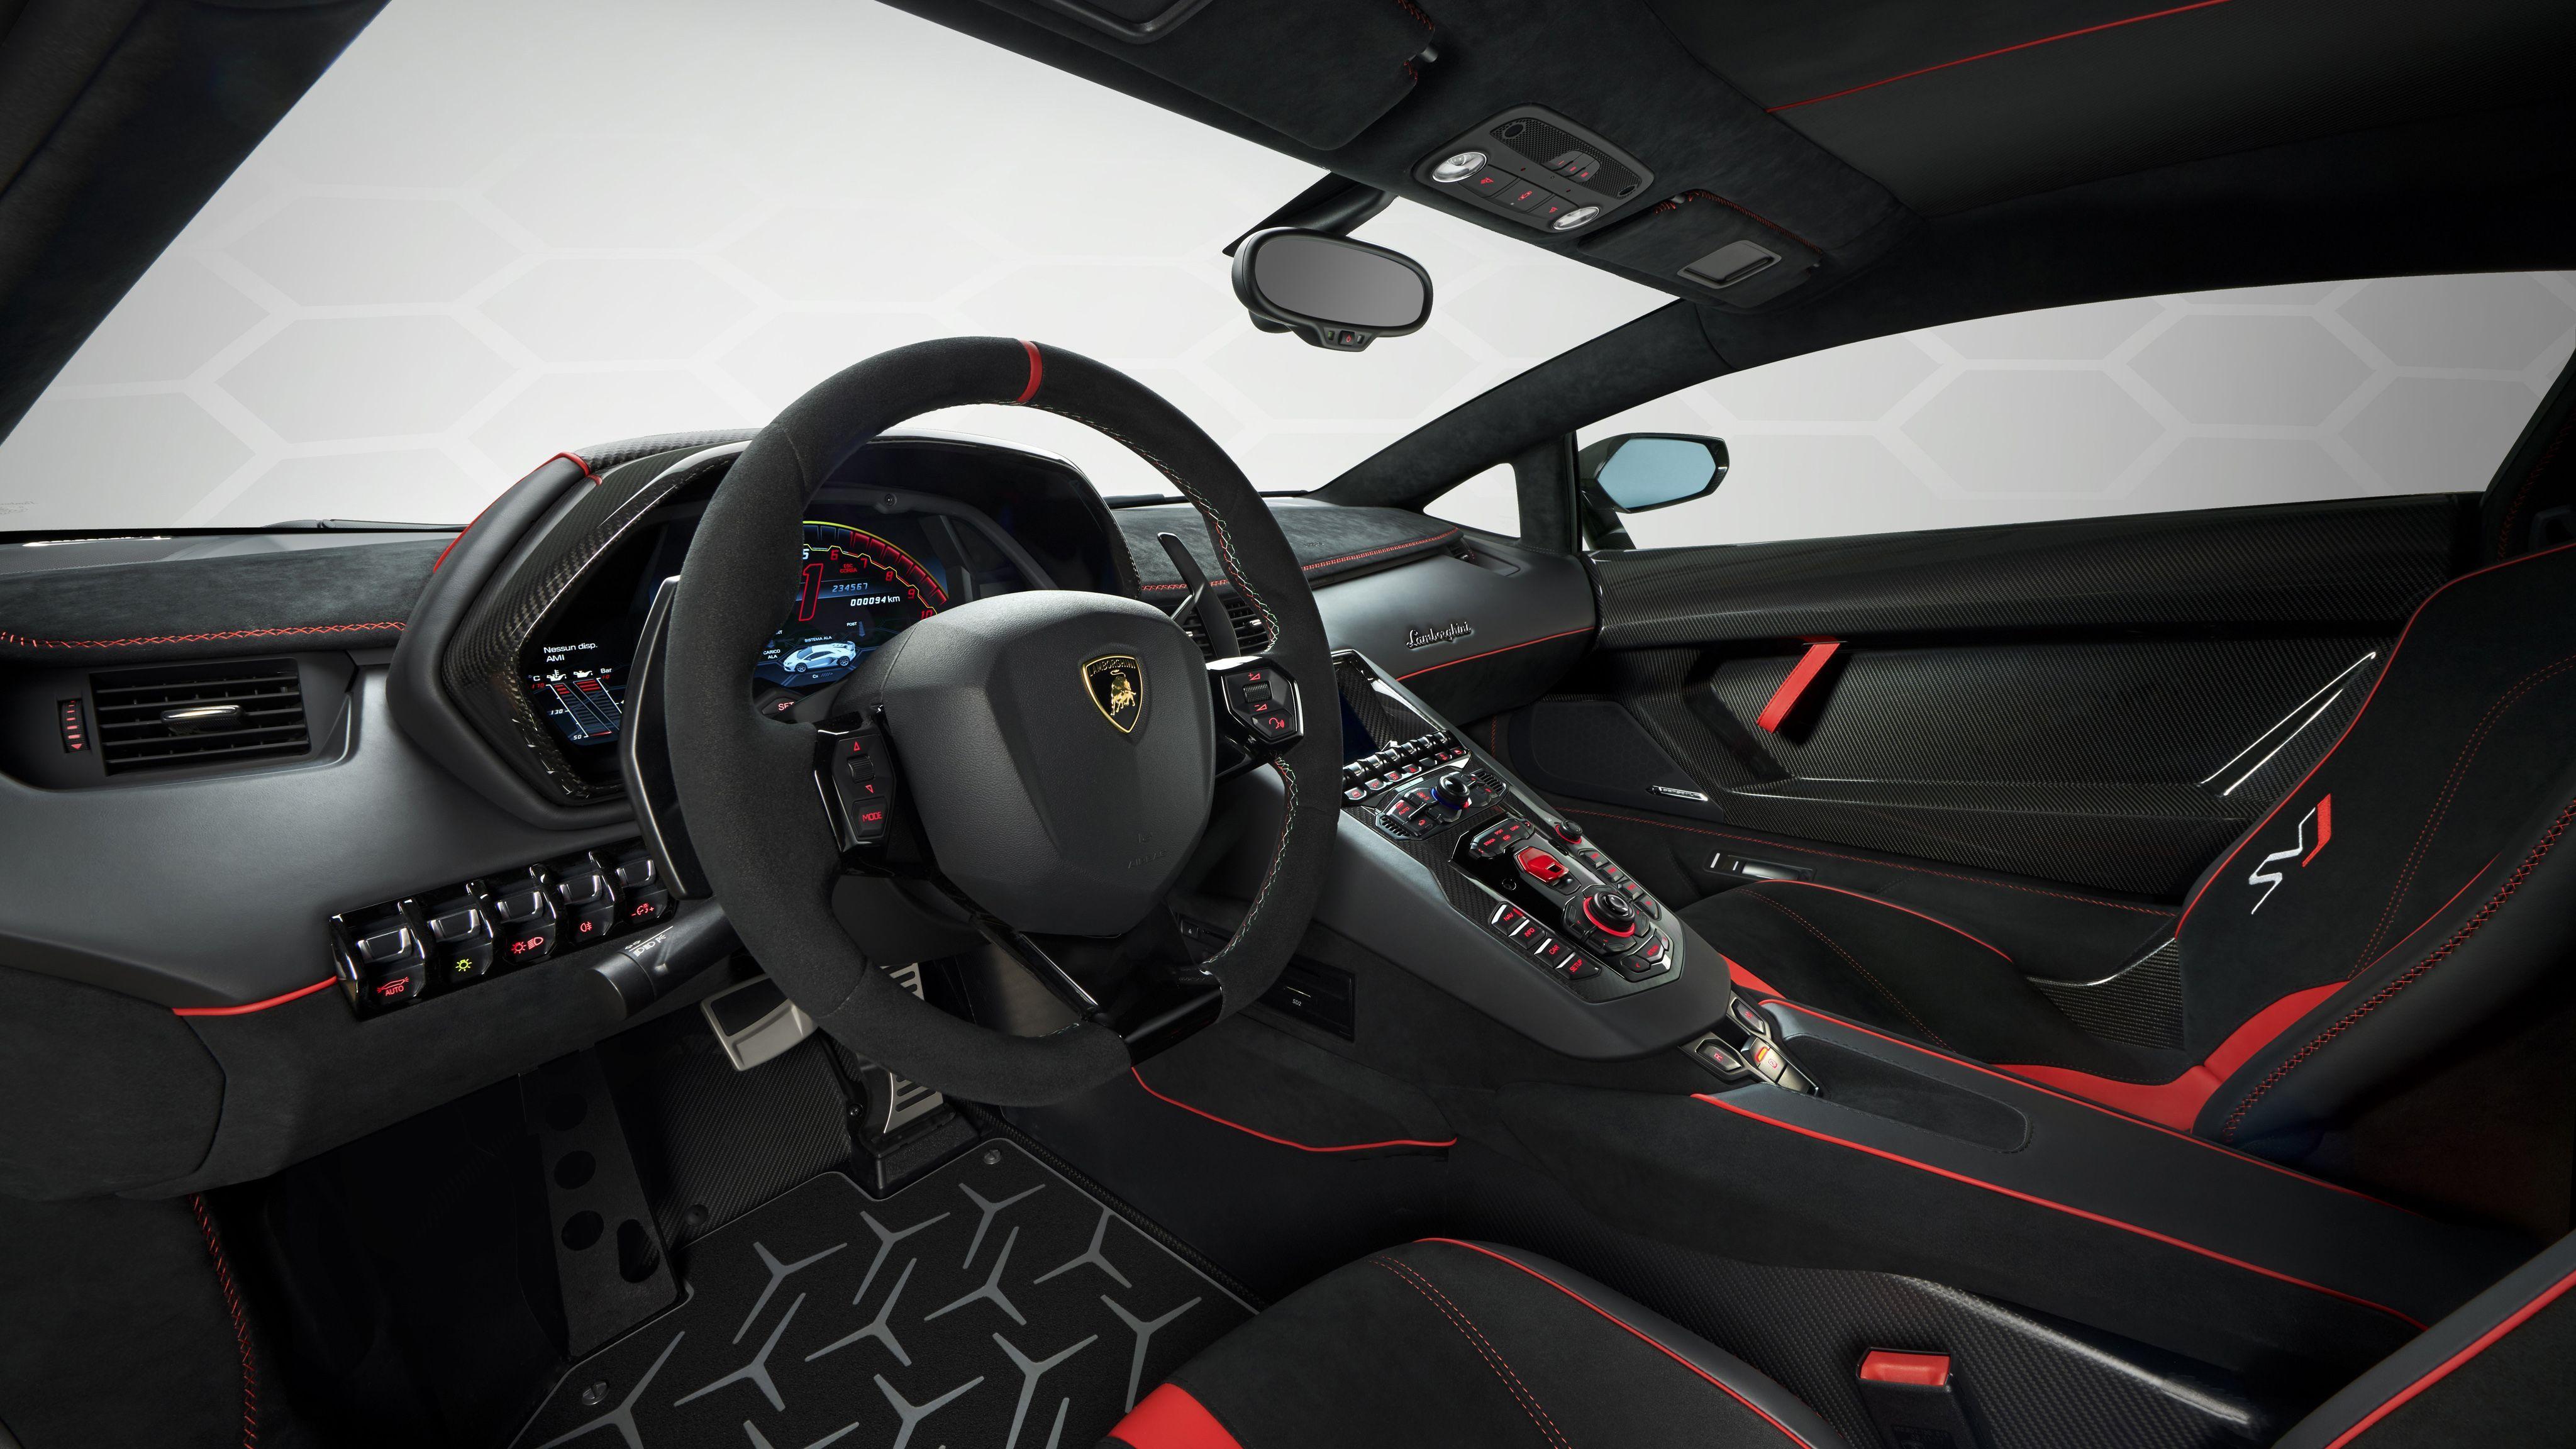 265 listings of hd lamborghini car wallpaper picture for desktop,. Lamborghini Interior Wallpapers Top Free Lamborghini Interior Backgrounds Wallpaperaccess